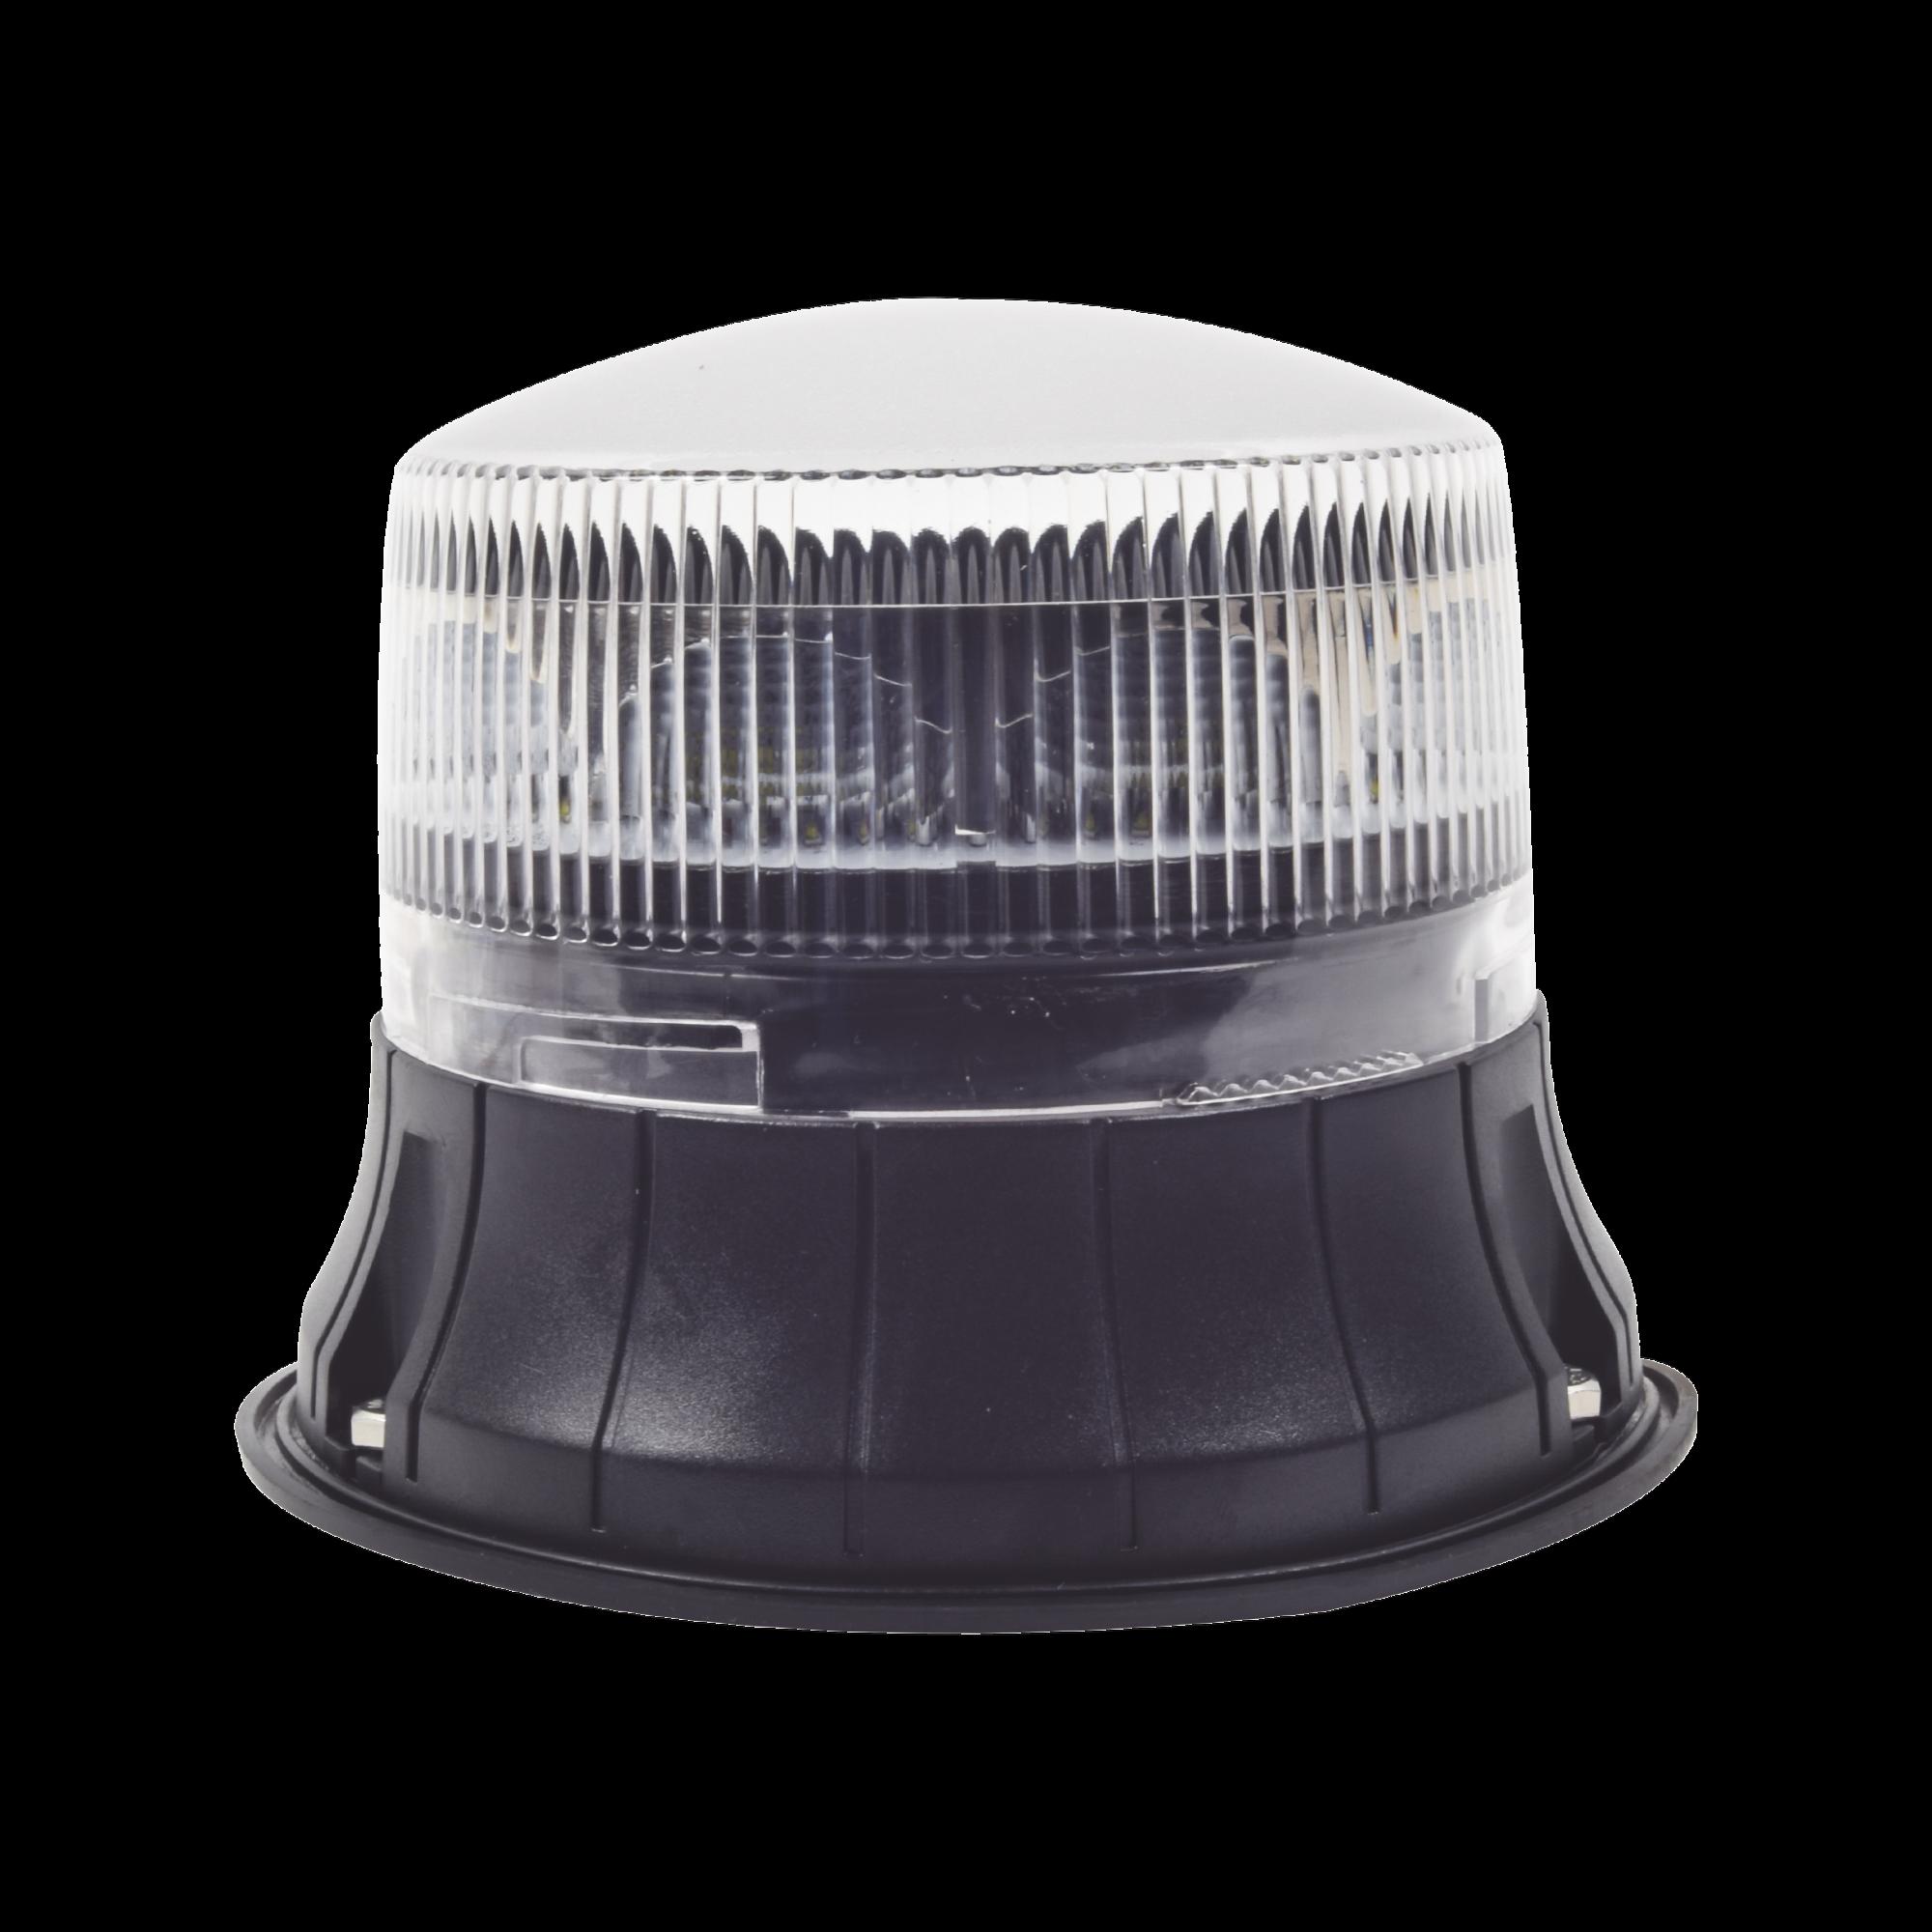 Burbuja LED giratoria de color claro, 9 LEDS, montaje permanente